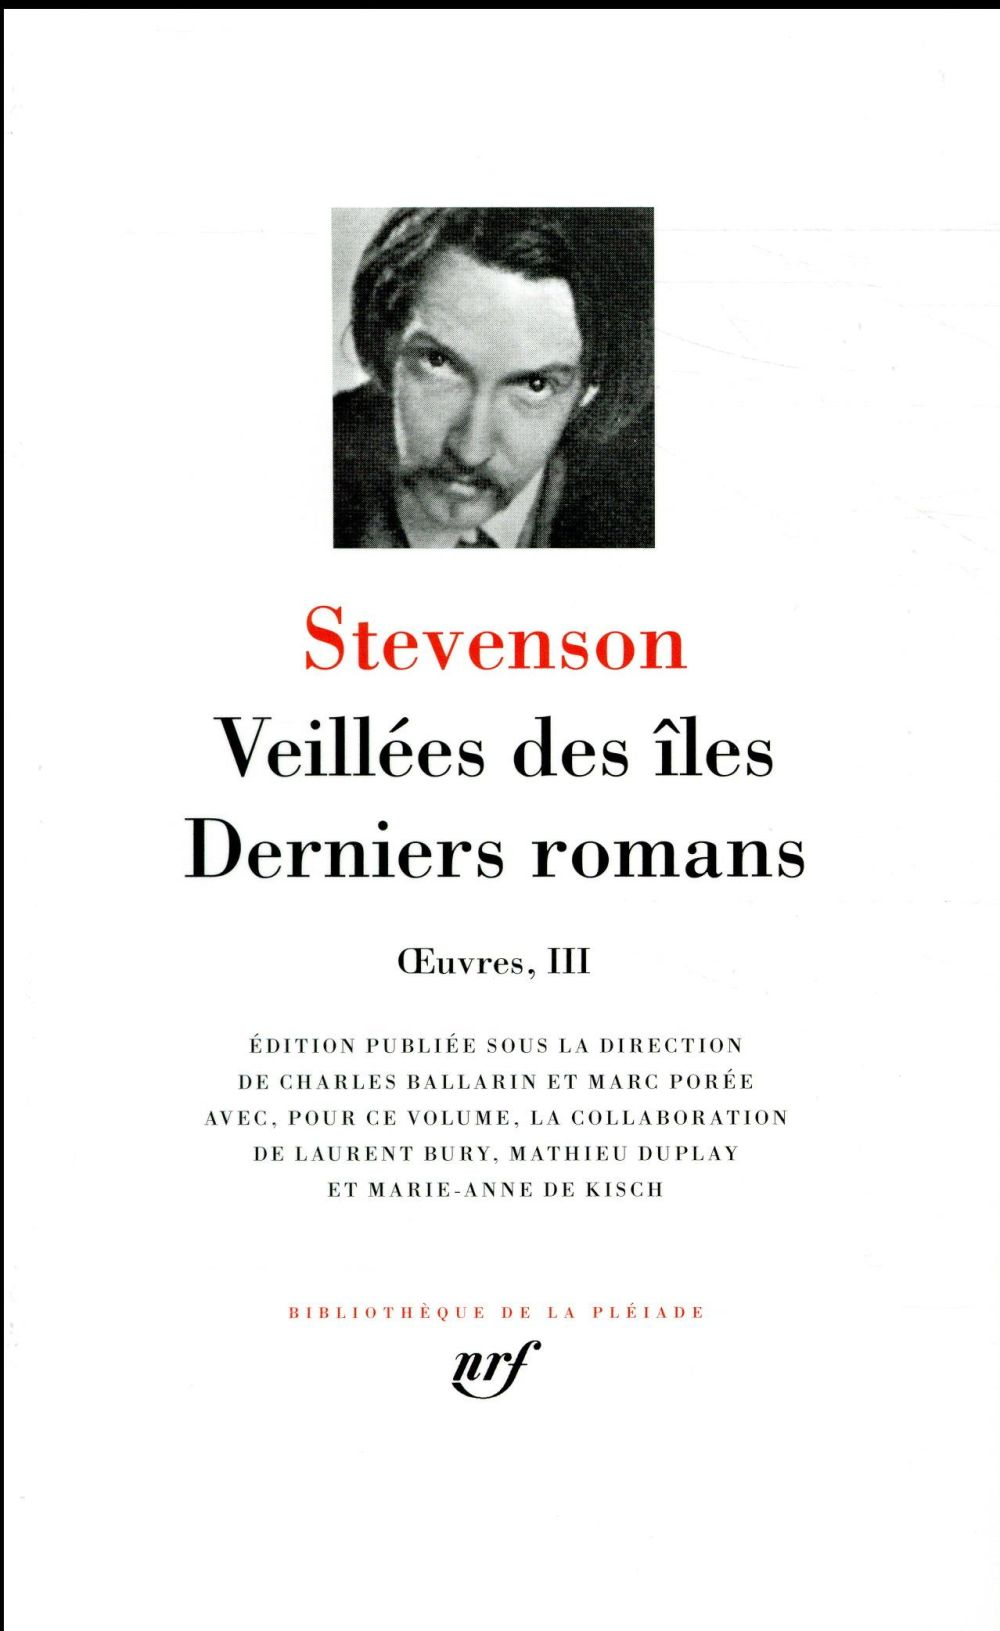 OEUVRES III  -  VEILLEES DES ILES  -  DERNIERS ROMANS